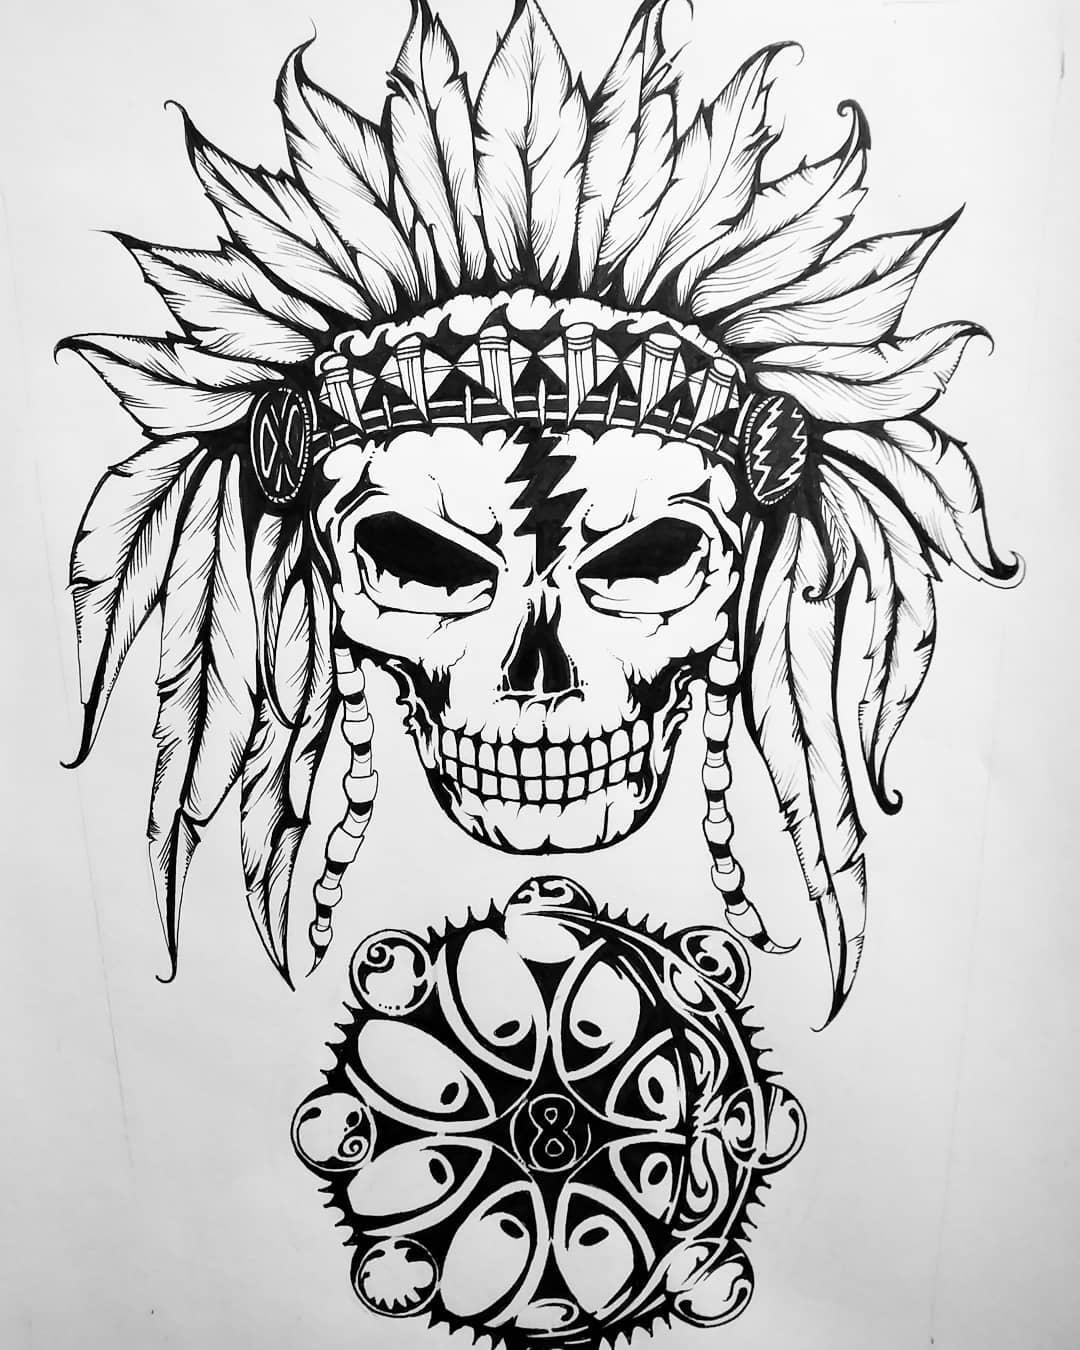 印第安骷髅纹身手稿